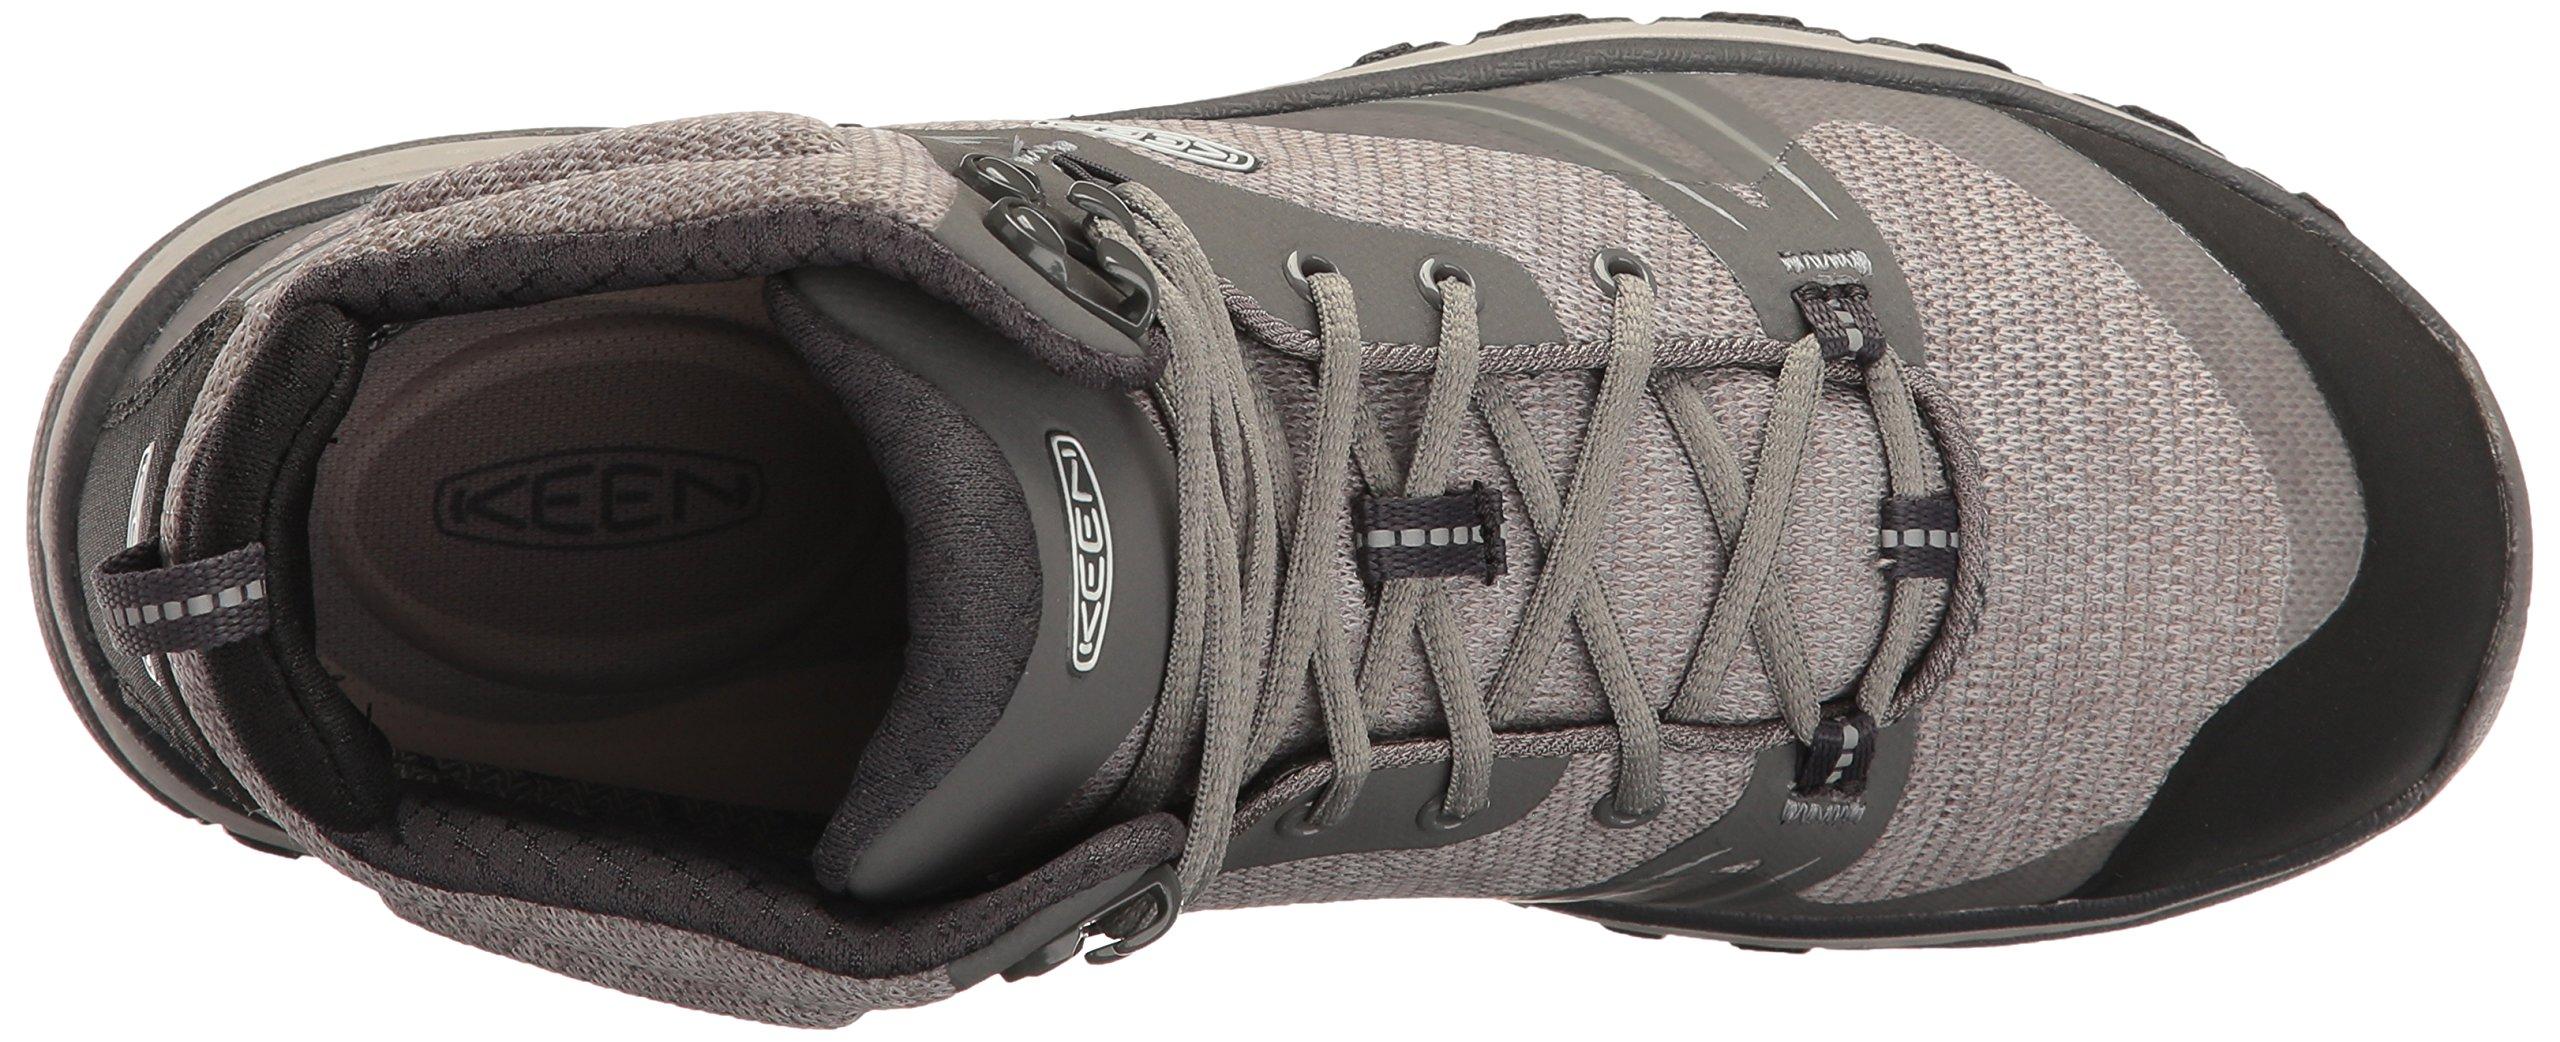 KEEN Women's Terradora Mid Waterproof Hiking Shoe, Gargoyle/Magnet, 9 M US by KEEN (Image #8)